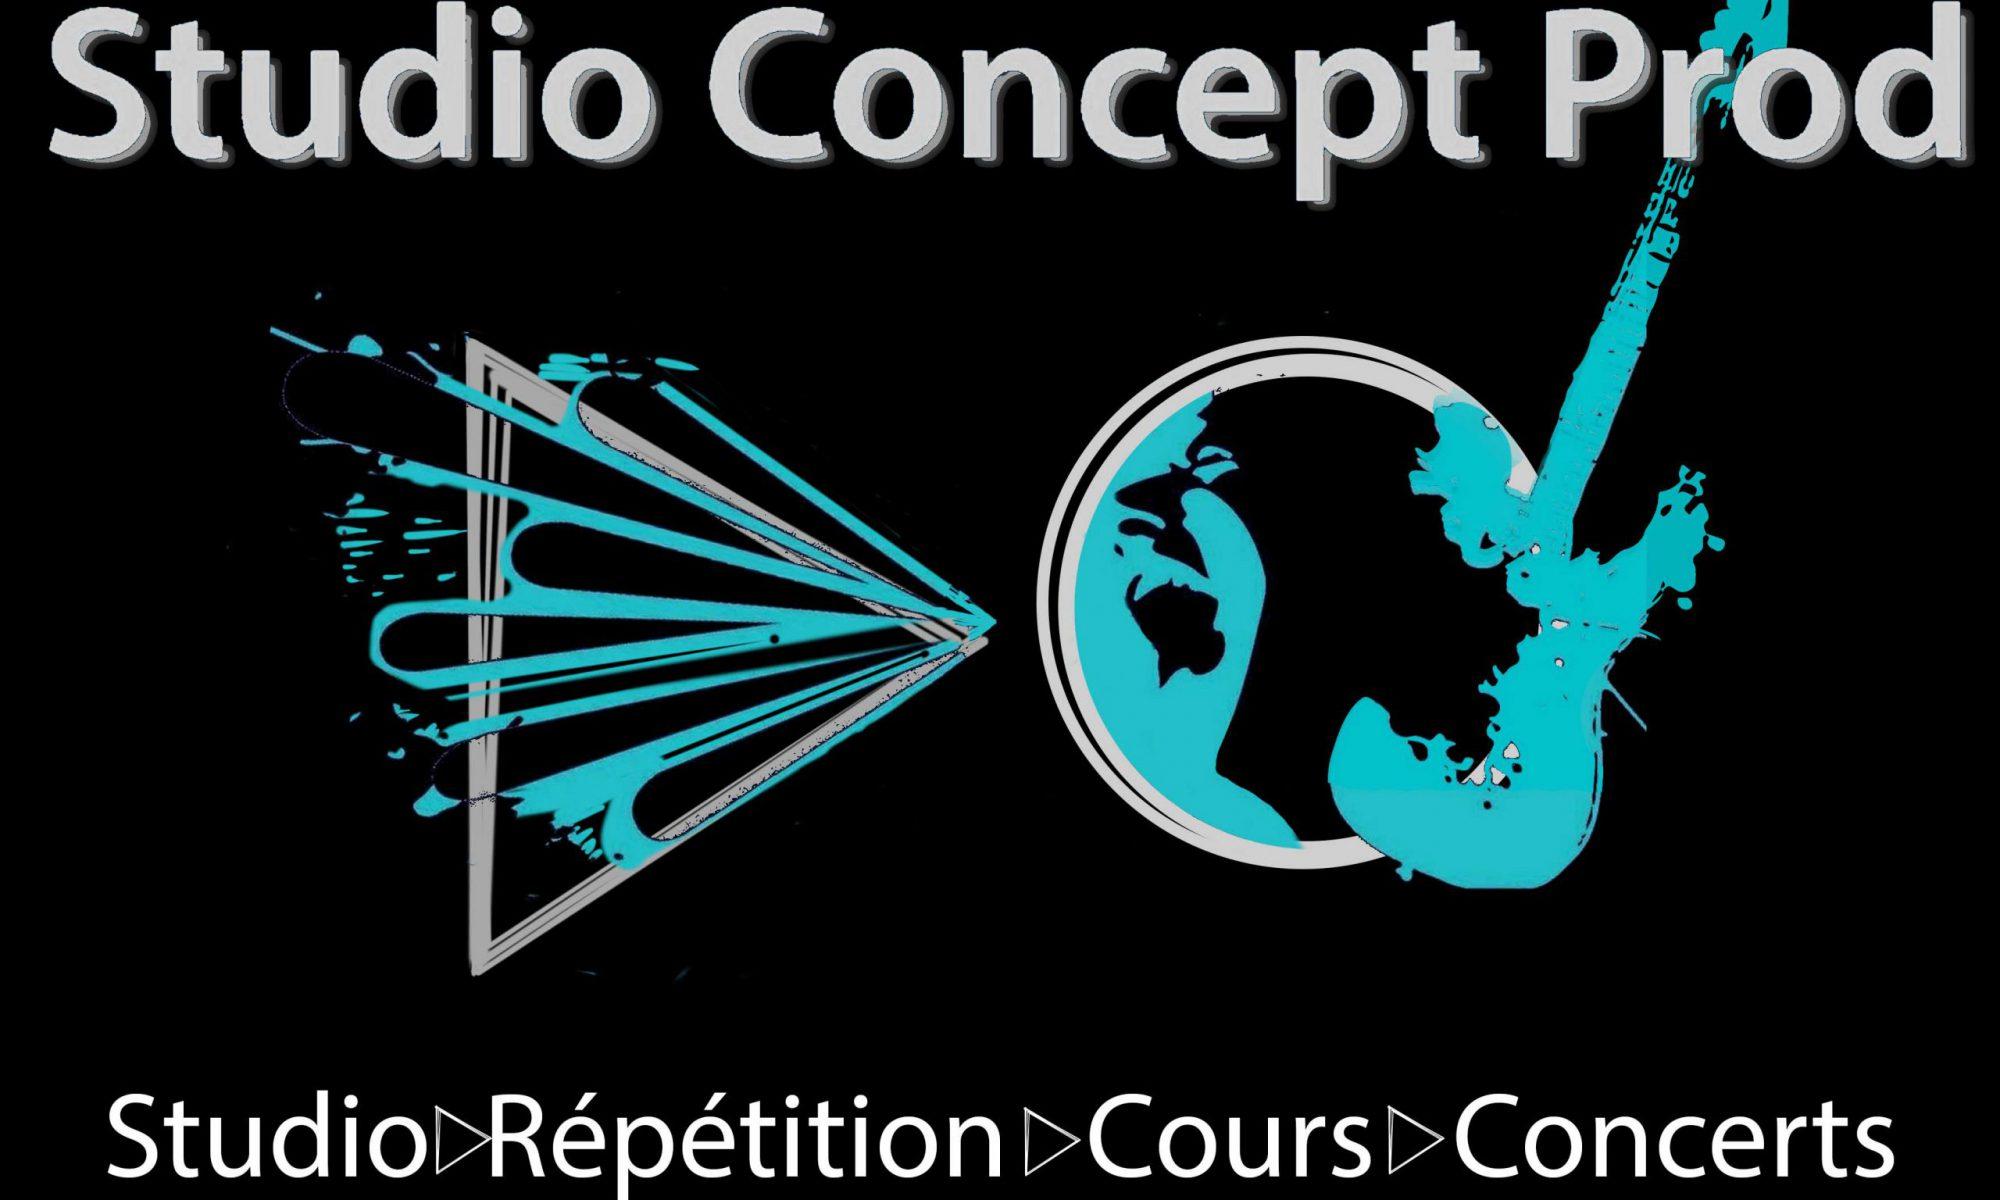 Studio Concept Prod